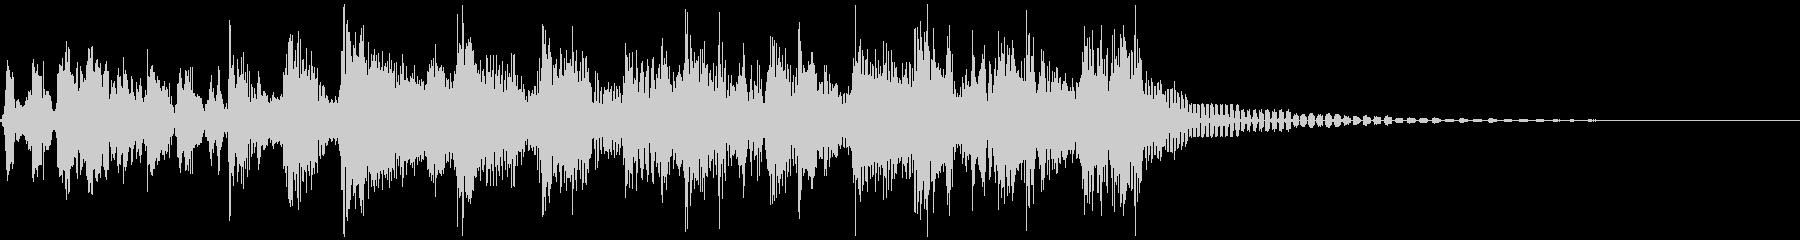 ラジオジングル、ファンク、スクラッチの未再生の波形